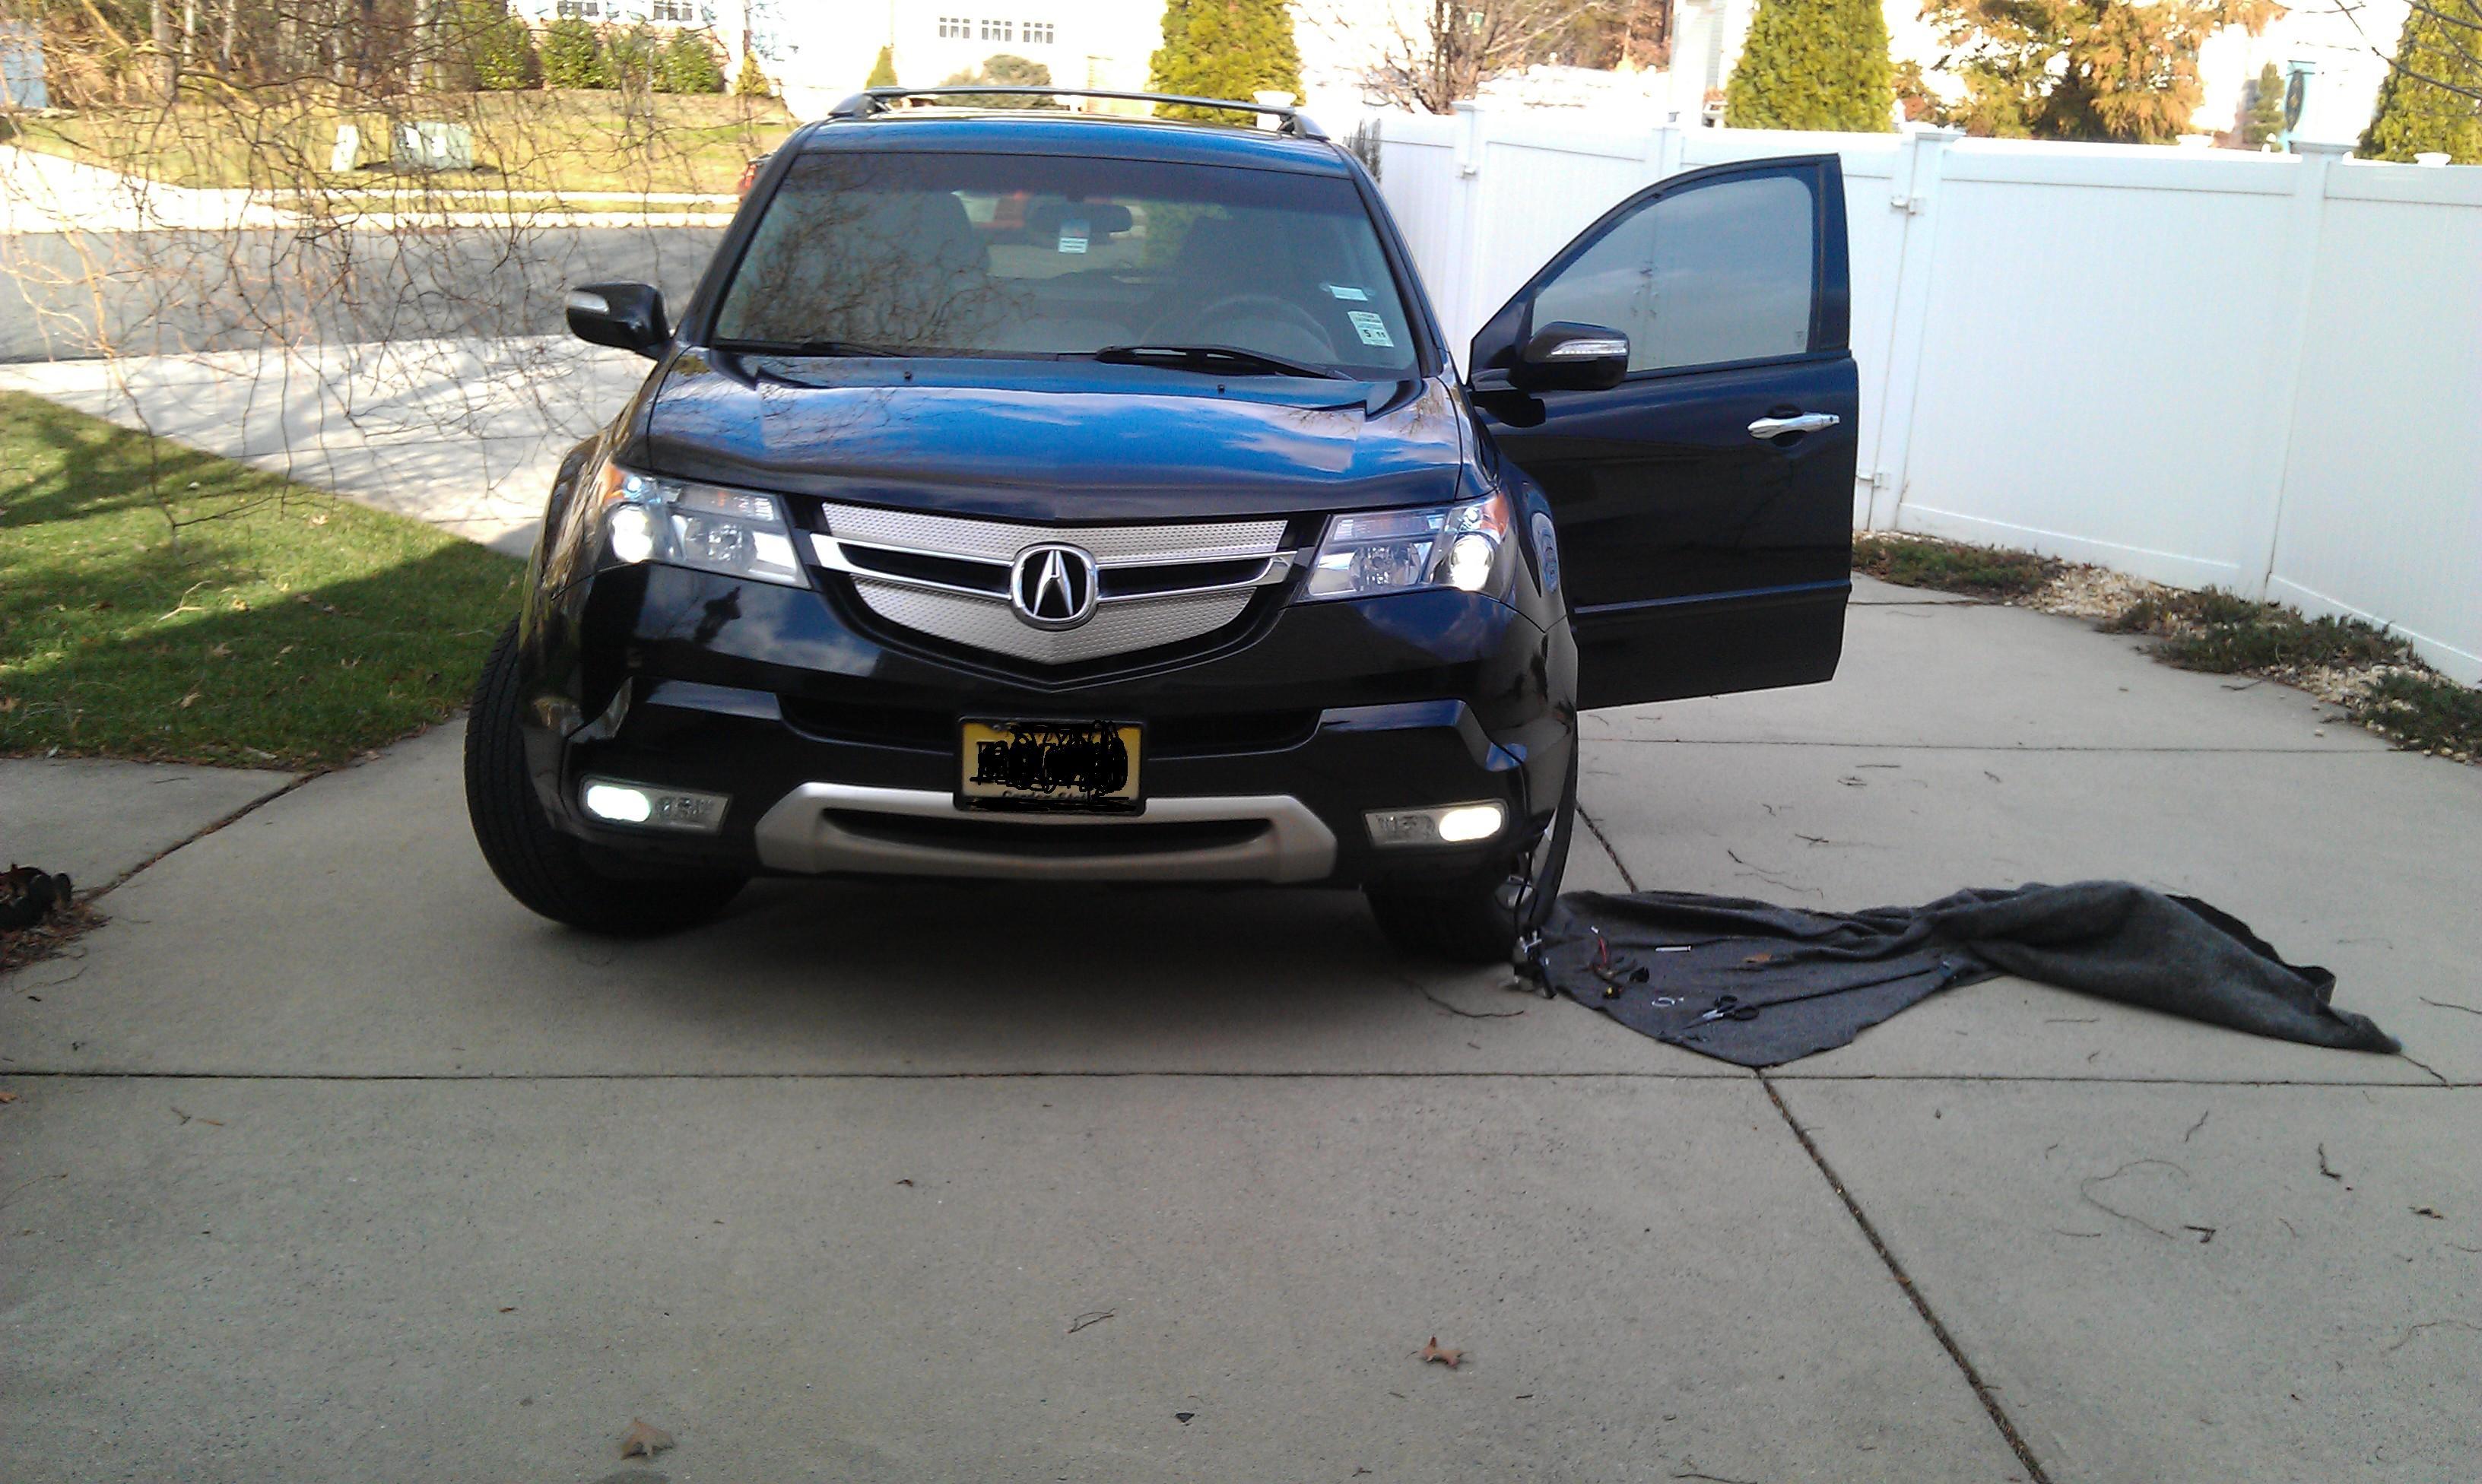 H Hid Kit K For Fog Lights Acura MDX Forum Acura MDX SUV - Acura mdx led fog lights